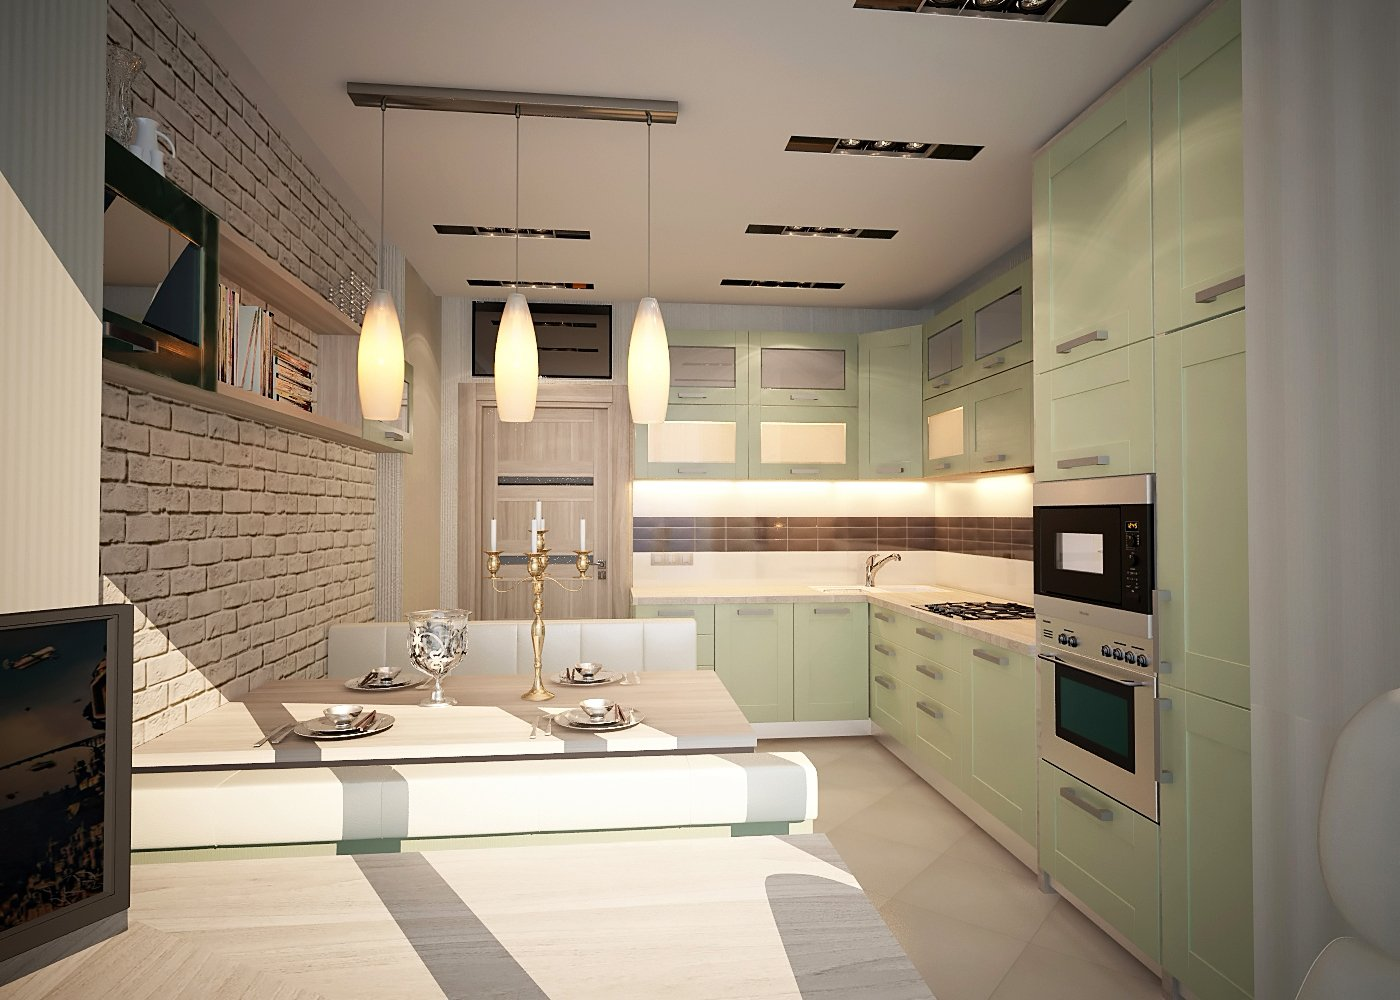 Дизайн кухни в квартире Киев эклектика, современный стиль прованс